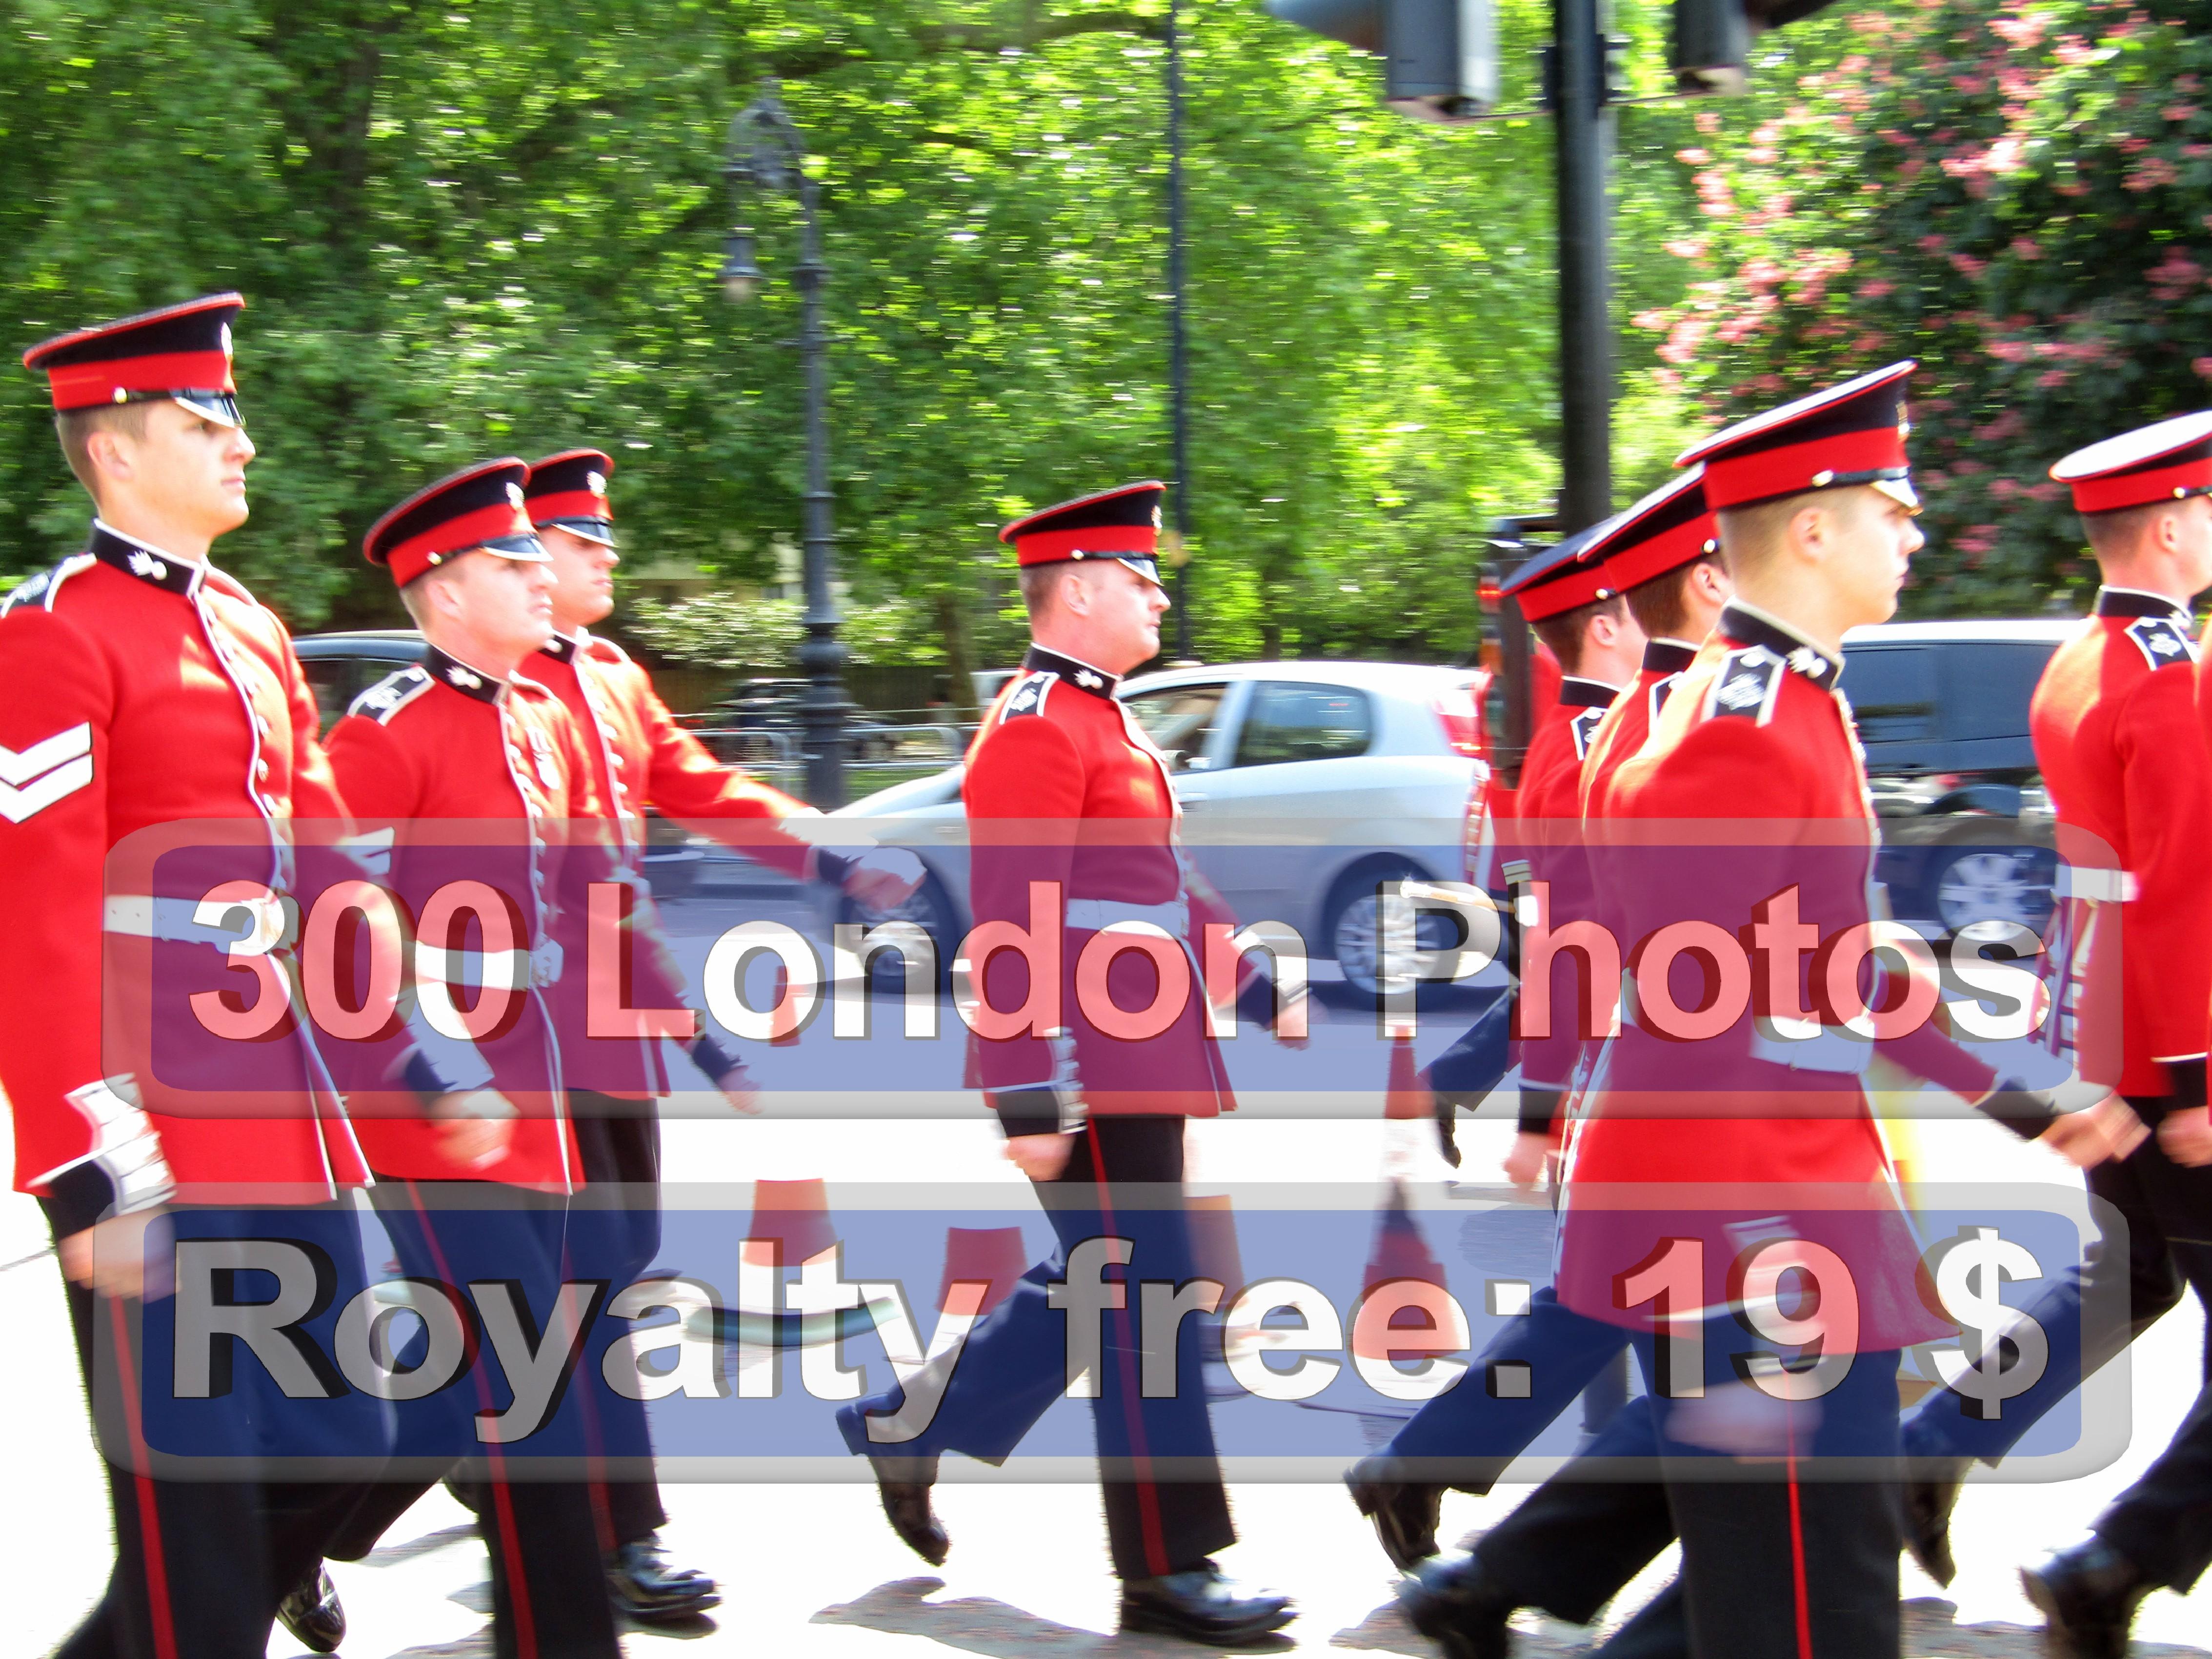 London 80gb Photo Panorama